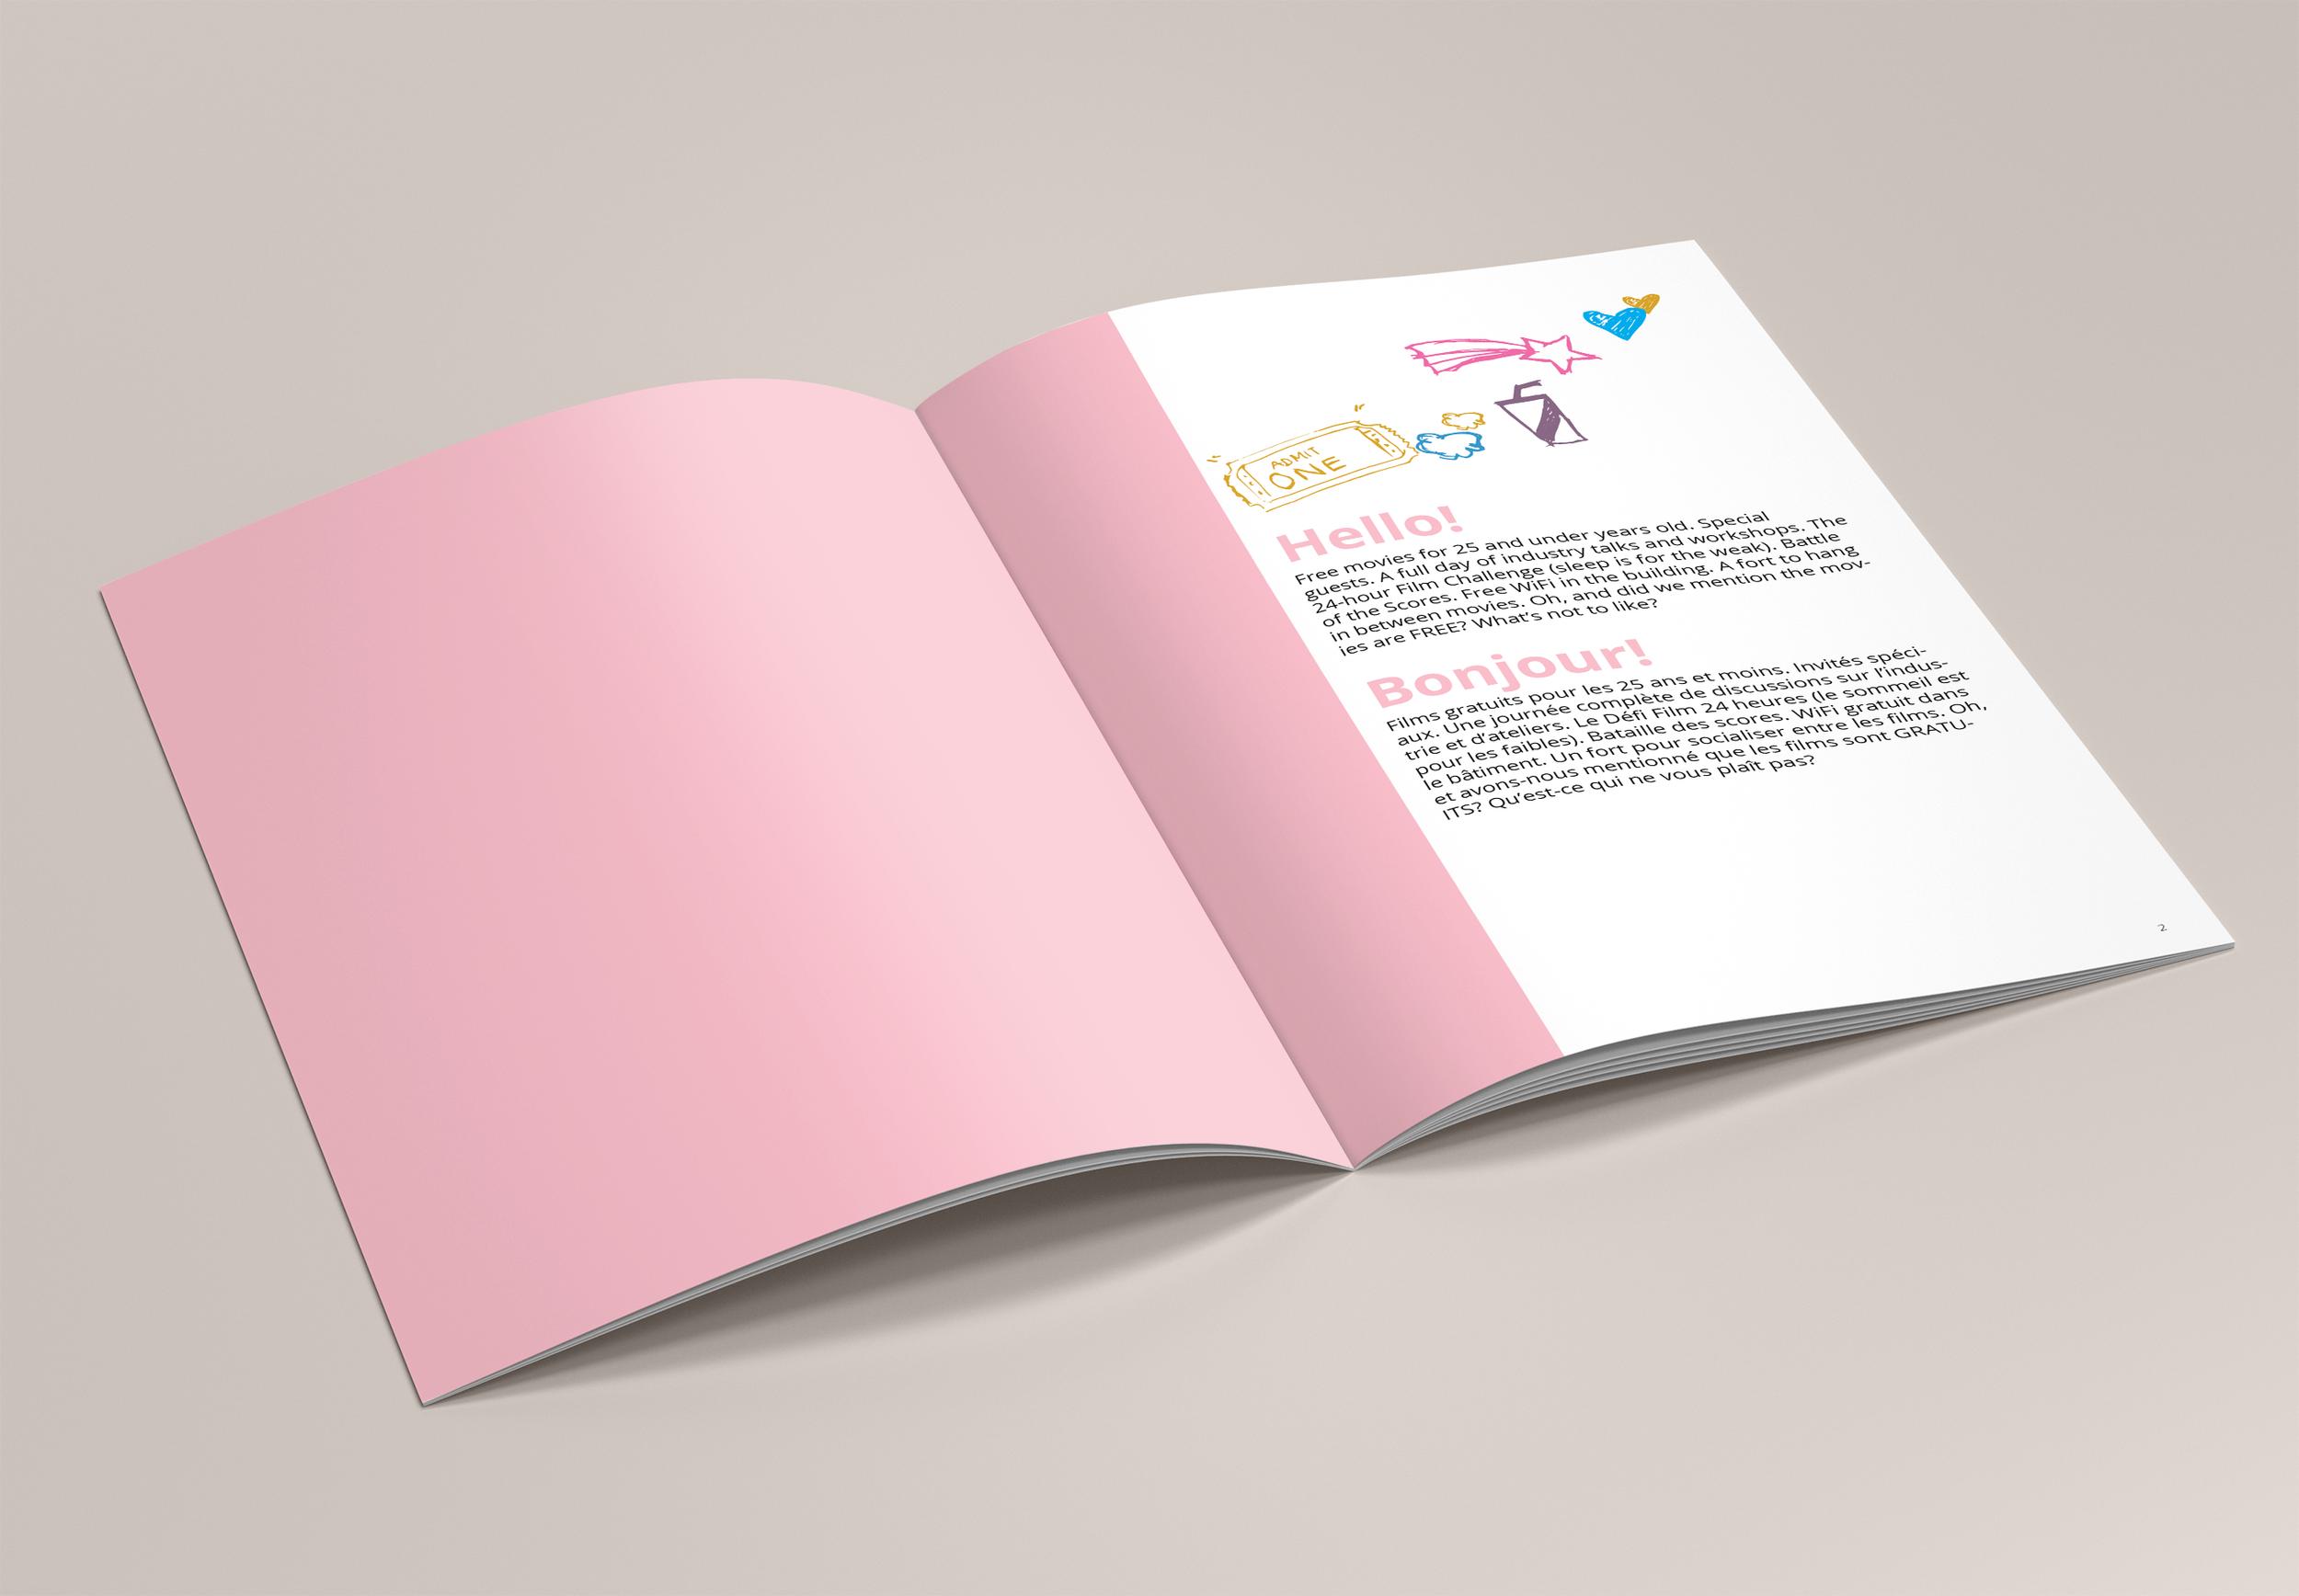 Mockup_A4_Brochure_2.png